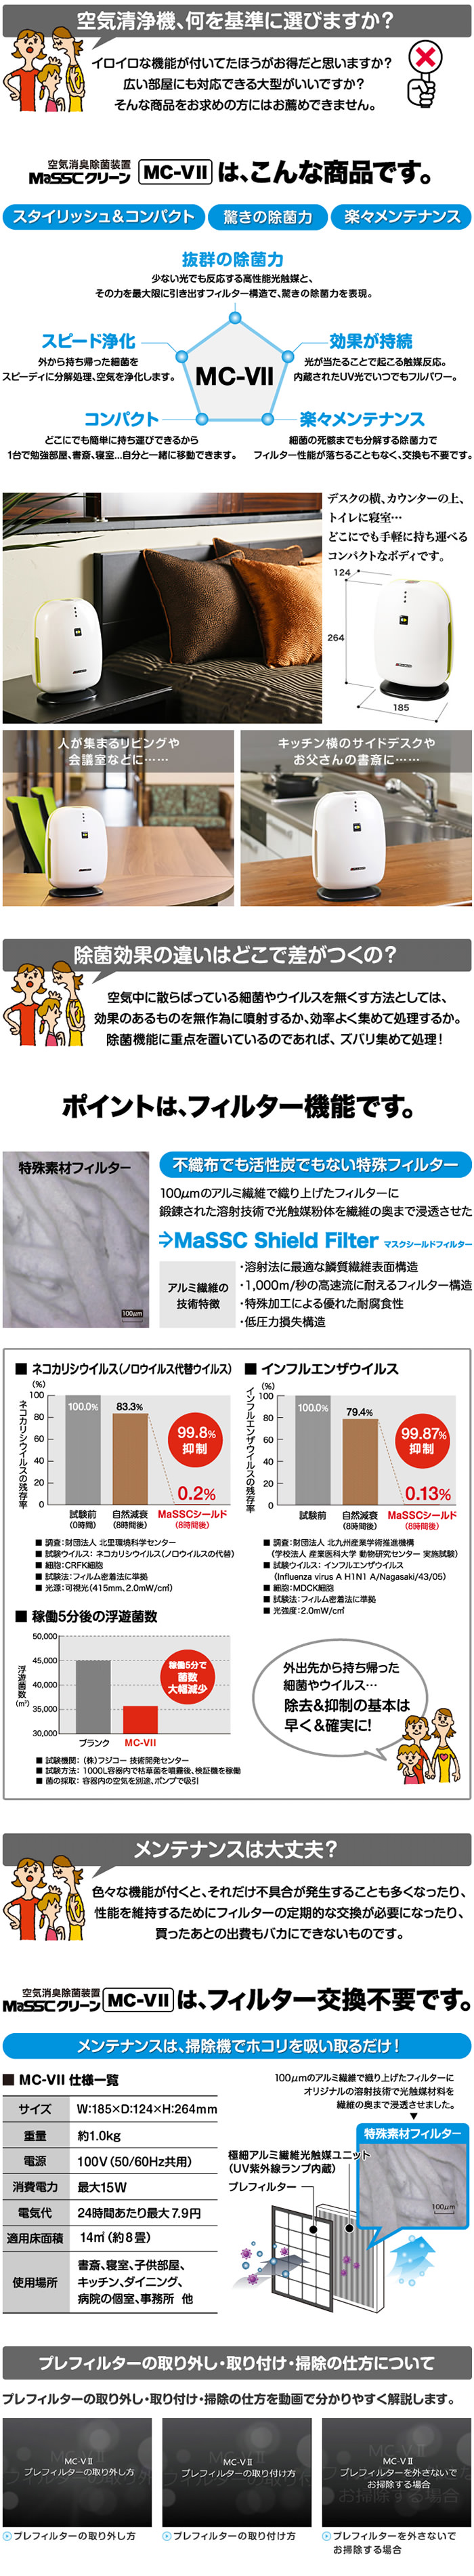 MC-VII|MaSSCクリーン | 高性能消臭除菌素材MaSSC(マスク)|株式会社マスクフシ?コー